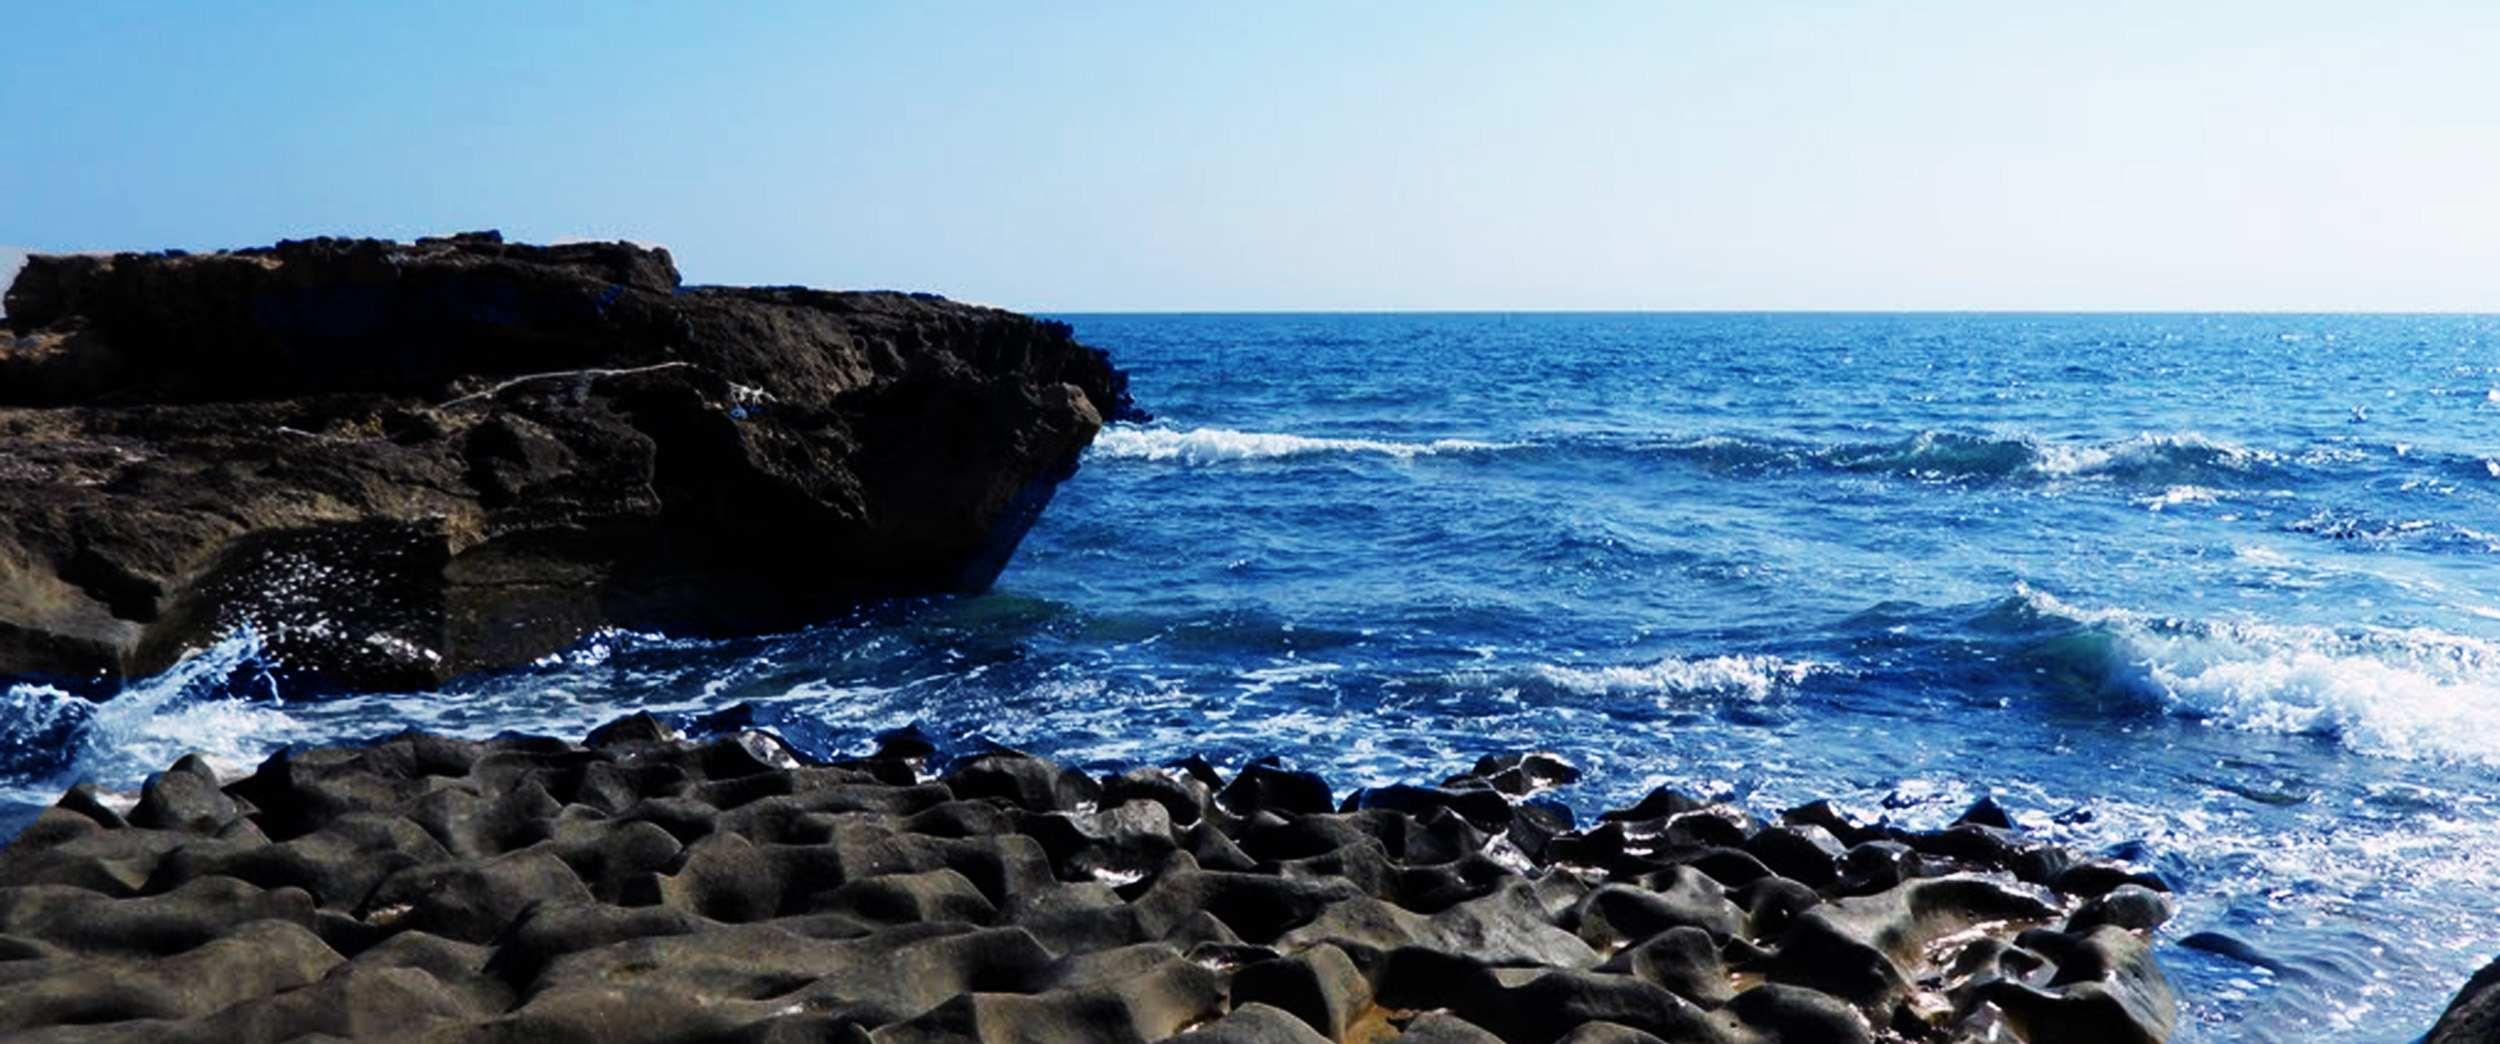 جزیره لارک